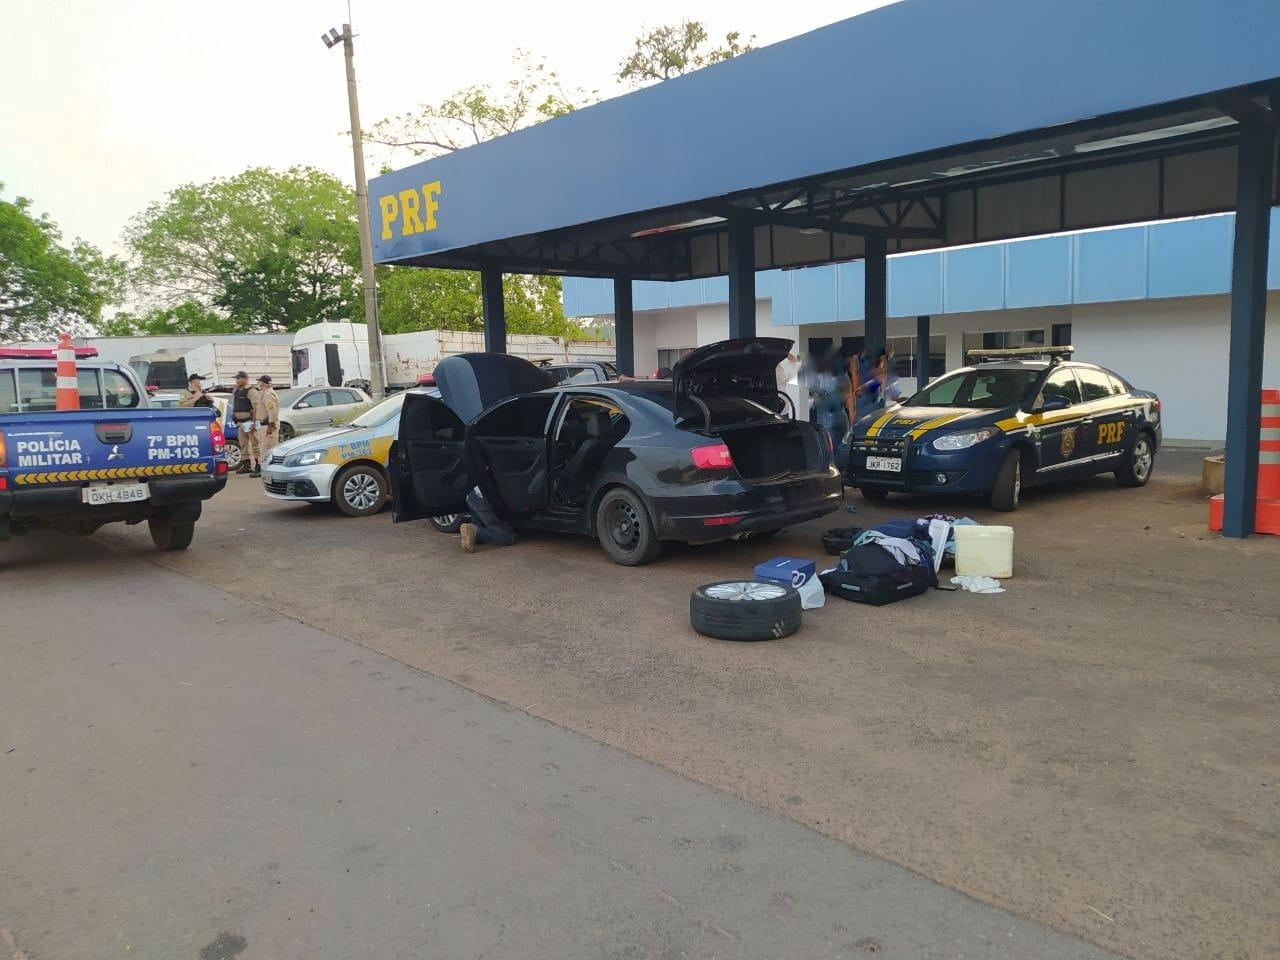 Ação conjunta da PRF e PM resulta na prisão de 3 suspeitos de furto